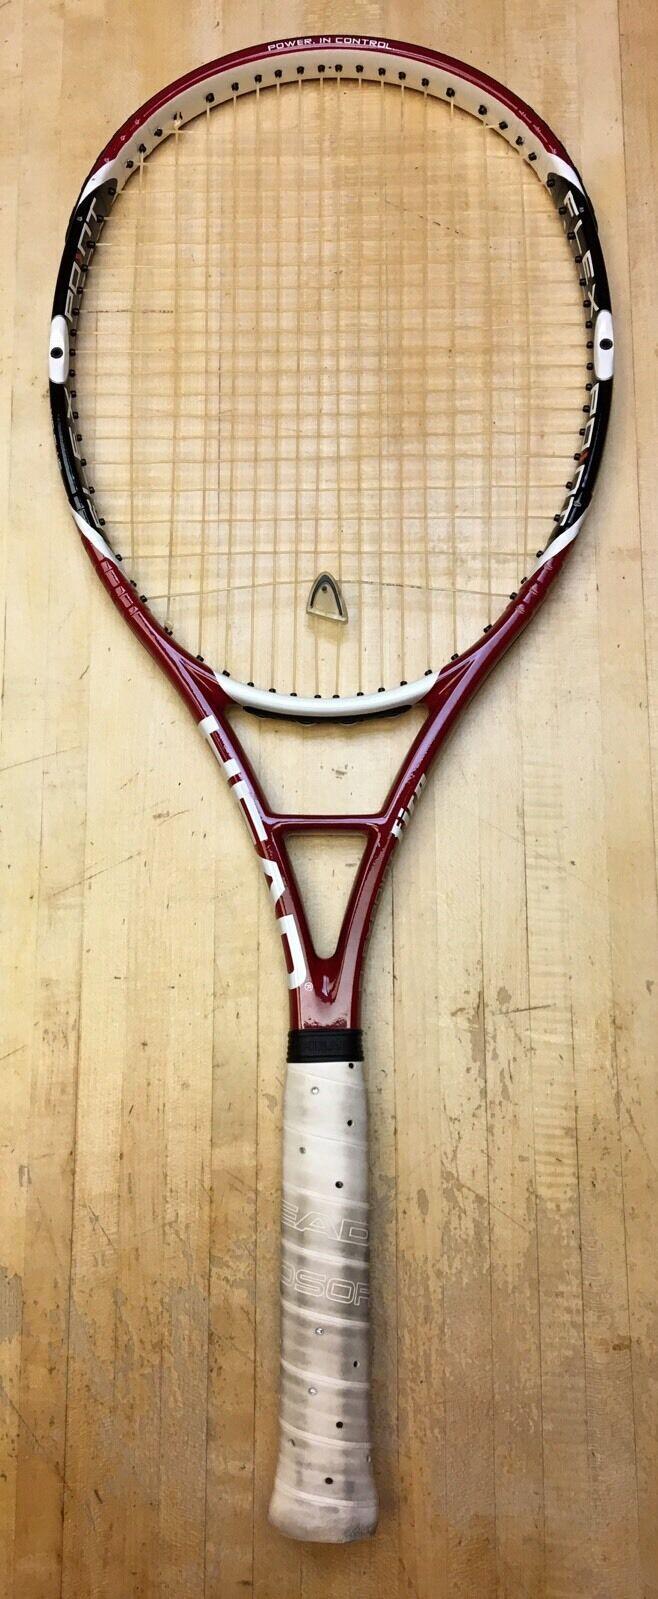 Cabeza Flexpoint fuego Mid Plus 102  tenis raqueta  tienda de pescado para la venta